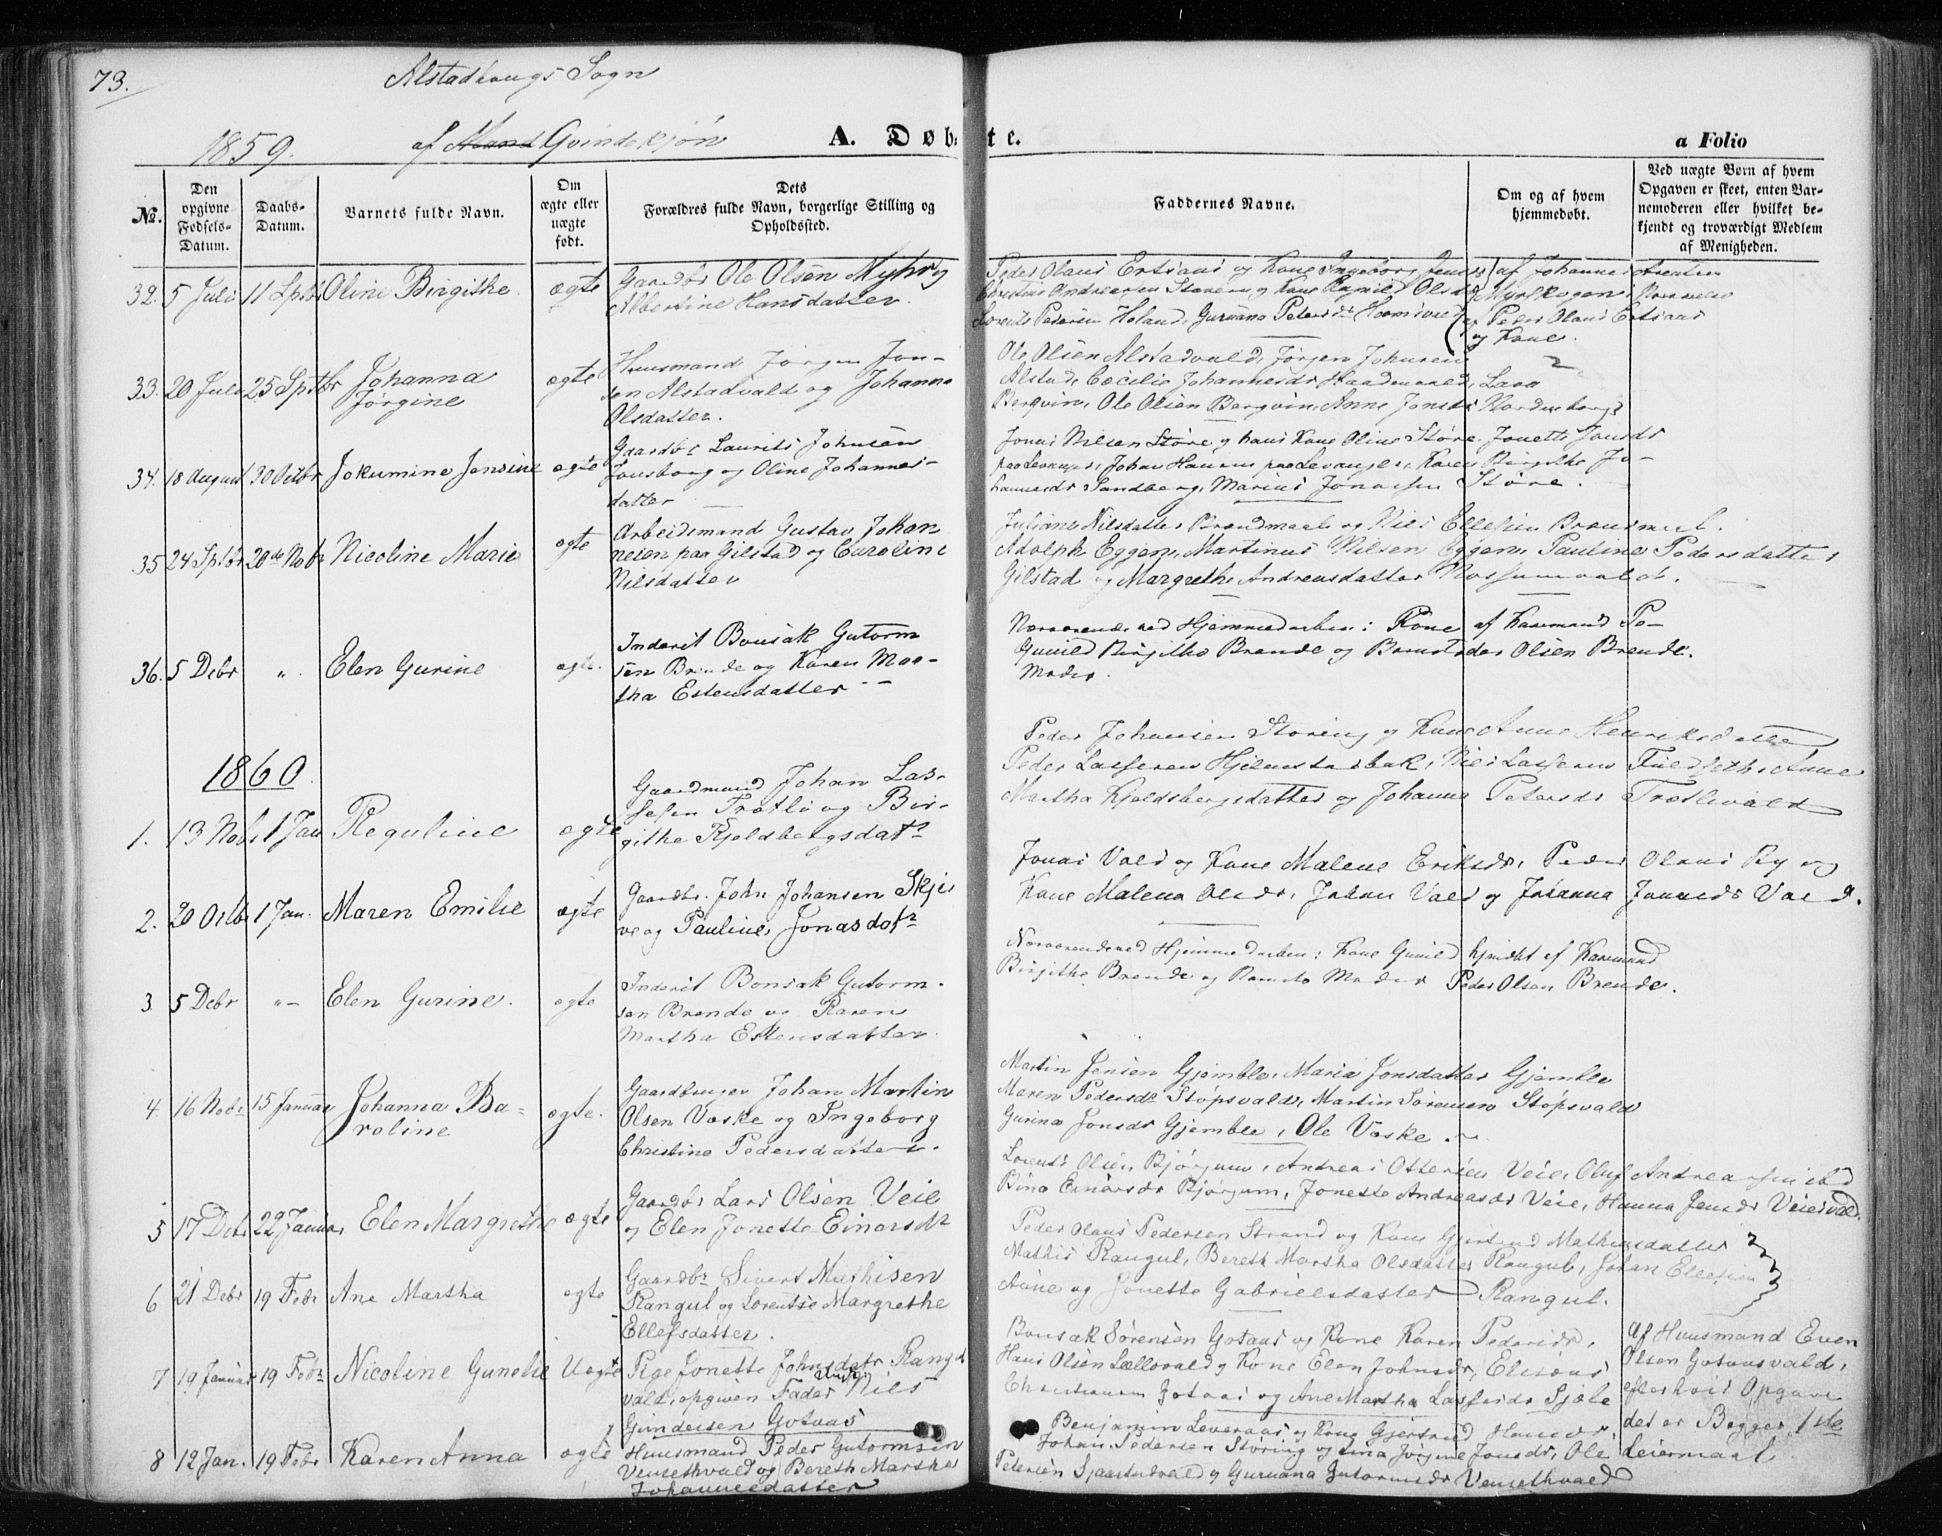 SAT, Ministerialprotokoller, klokkerbøker og fødselsregistre - Nord-Trøndelag, 717/L0154: Ministerialbok nr. 717A07 /1, 1850-1862, s. 73